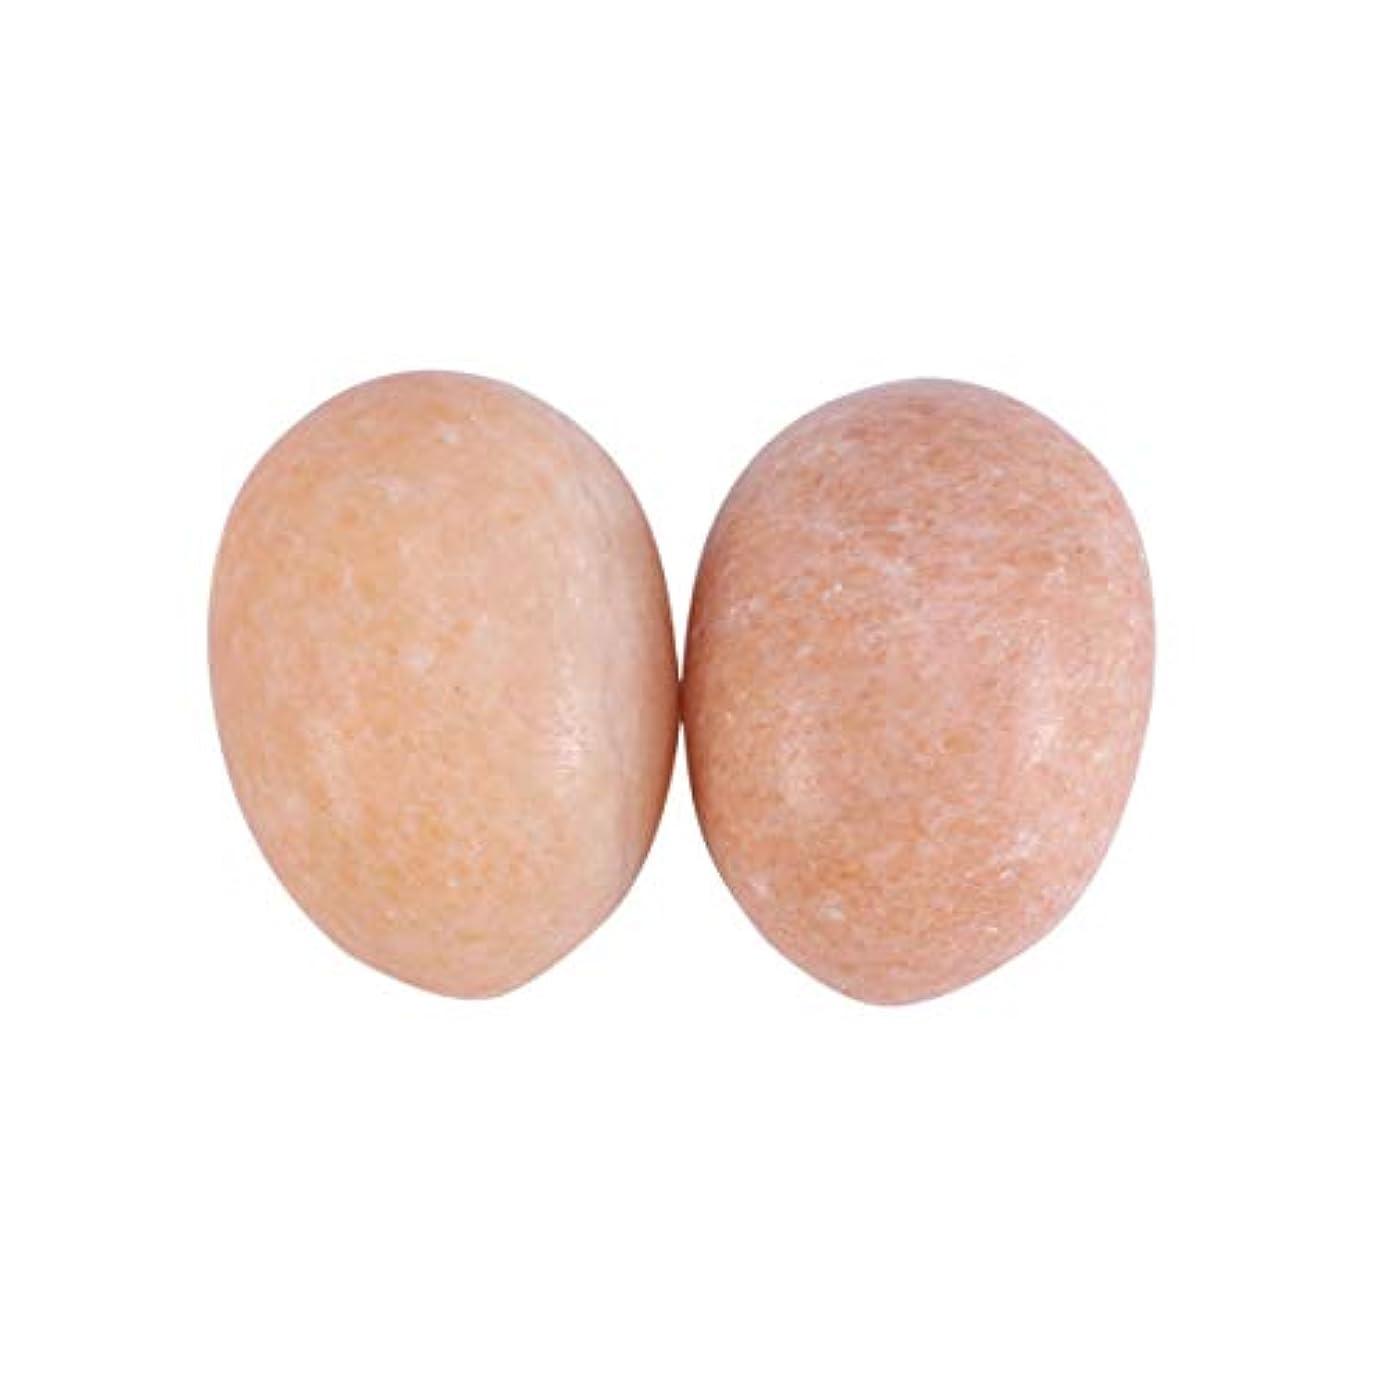 からかう寄生虫サービスSUPVOX 6個ネフライト玉ヨードエッグ玉ヨードマッサージストーンチャクラ骨盤筋肉の癒しの卵マッサージケゲル運動(夕焼けの赤卵)